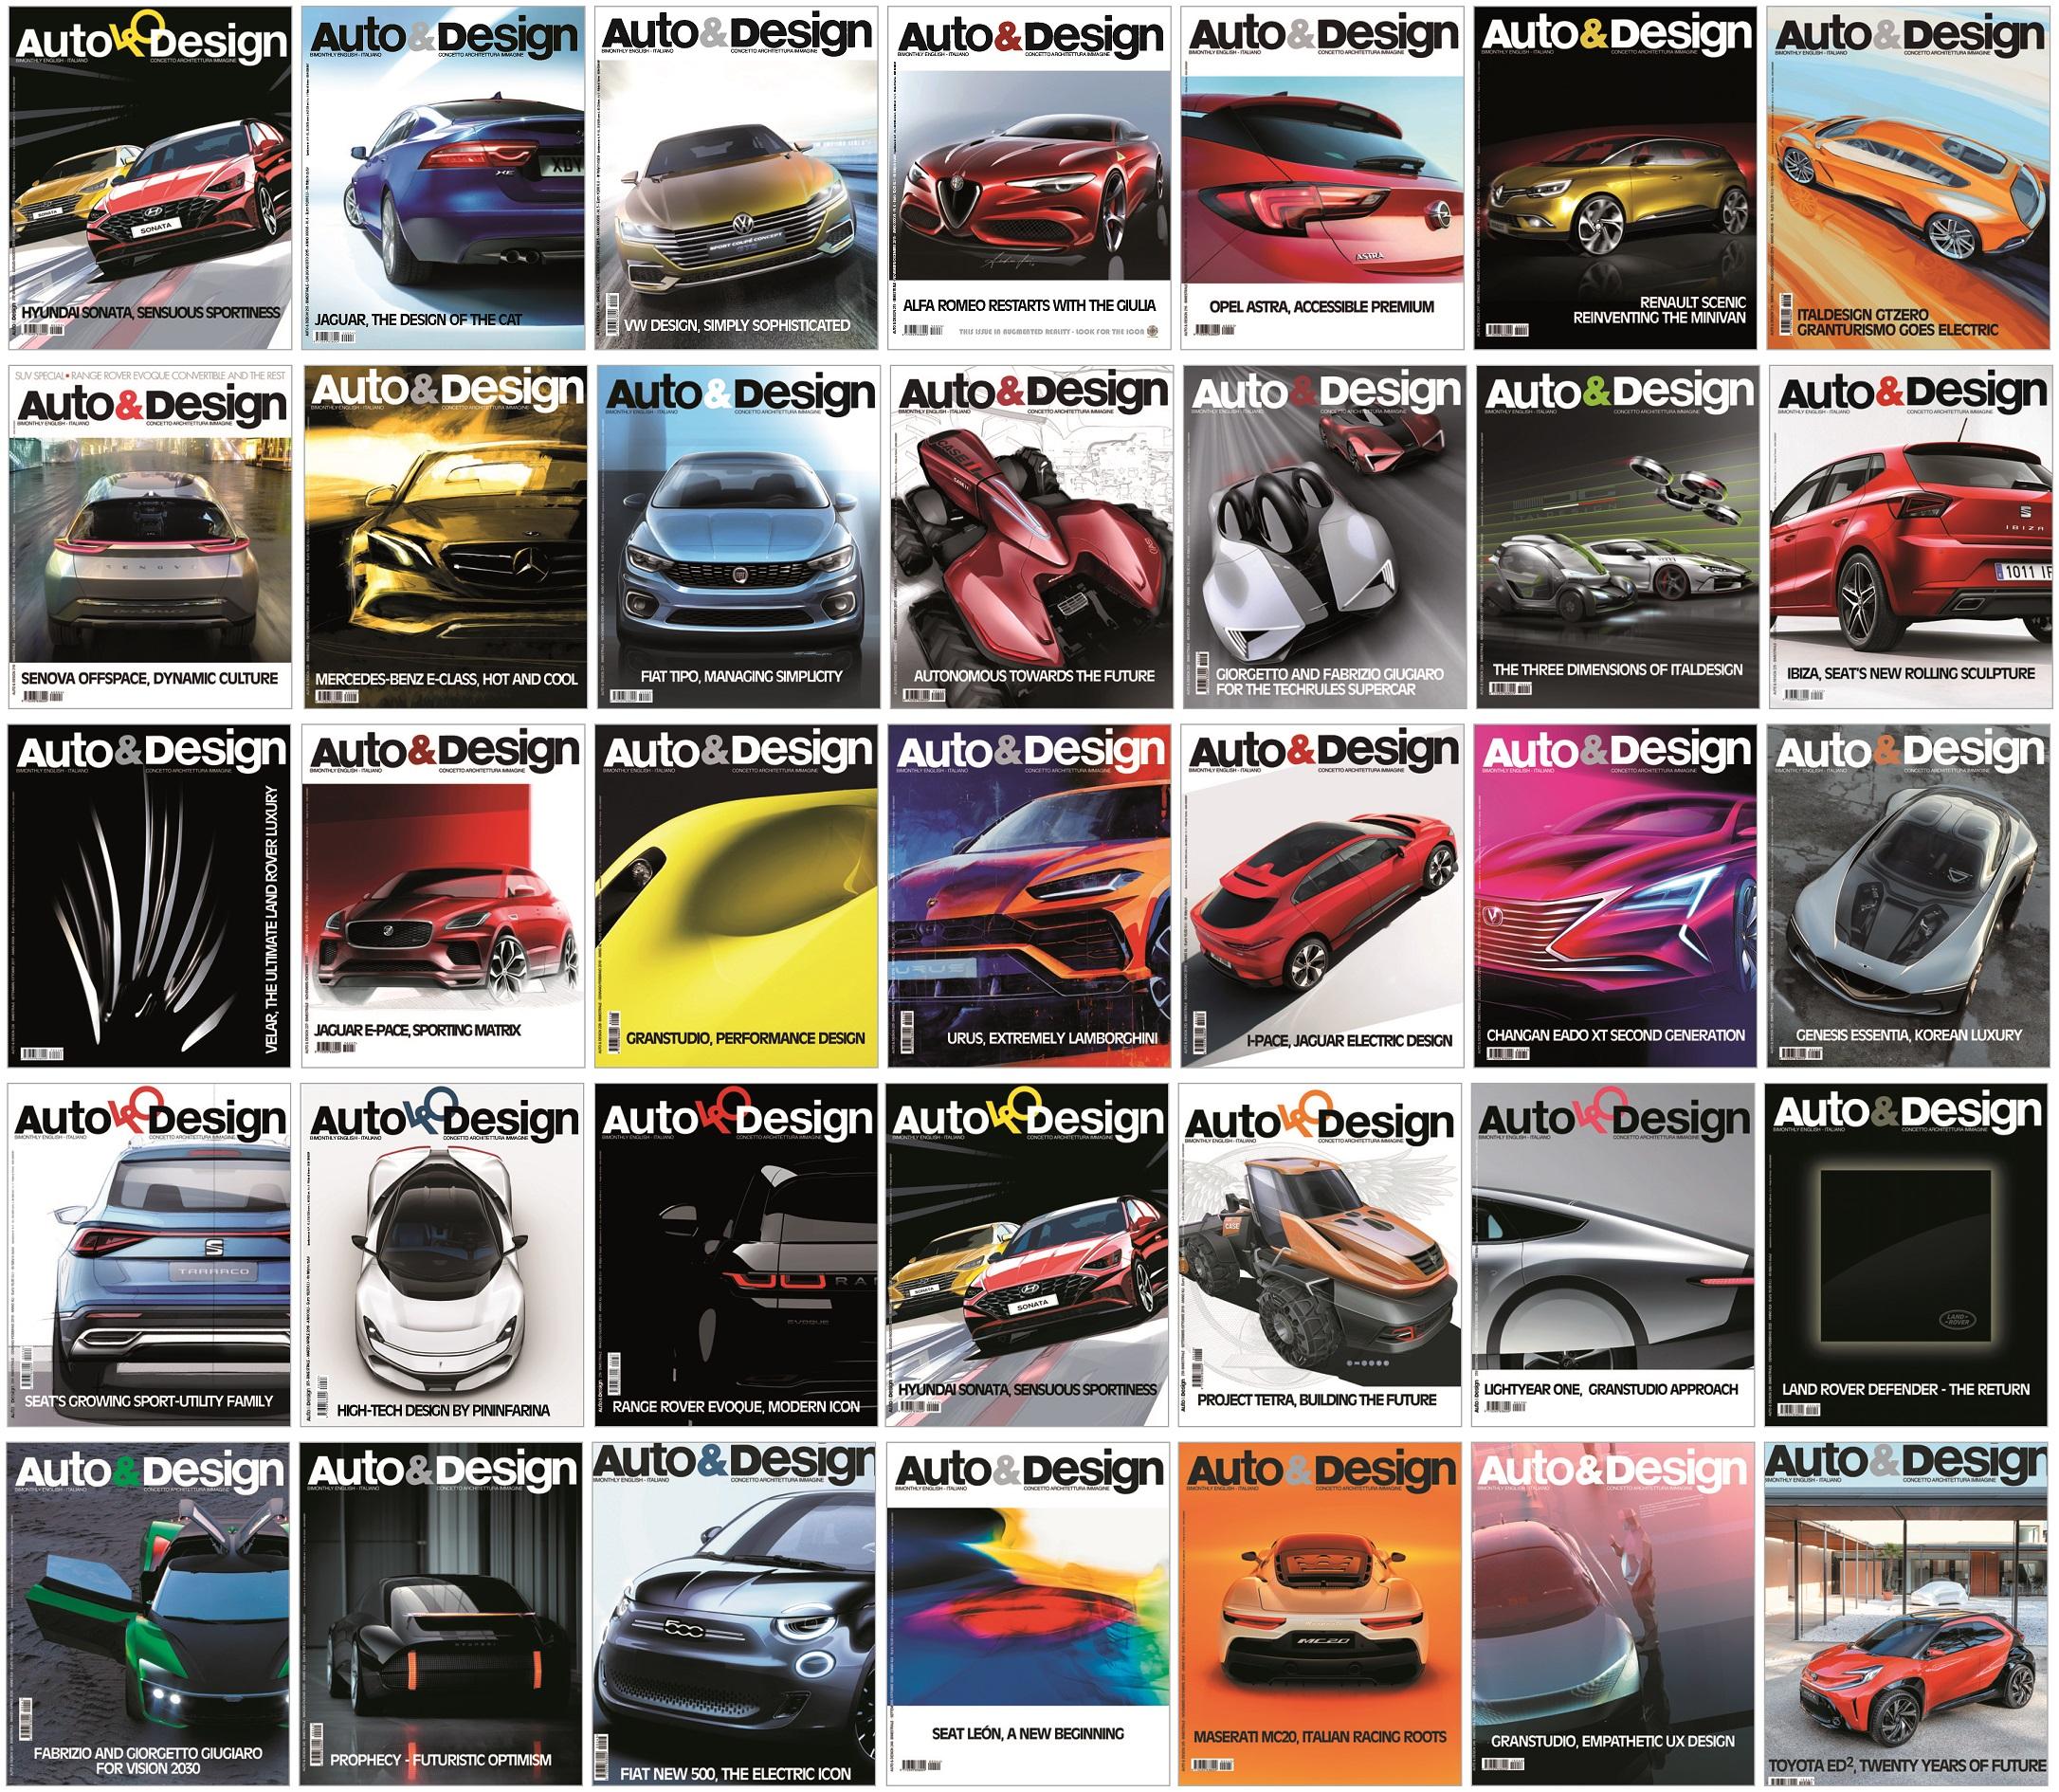 Senza titolo-1 - Contest Alcantara e Auto&Design